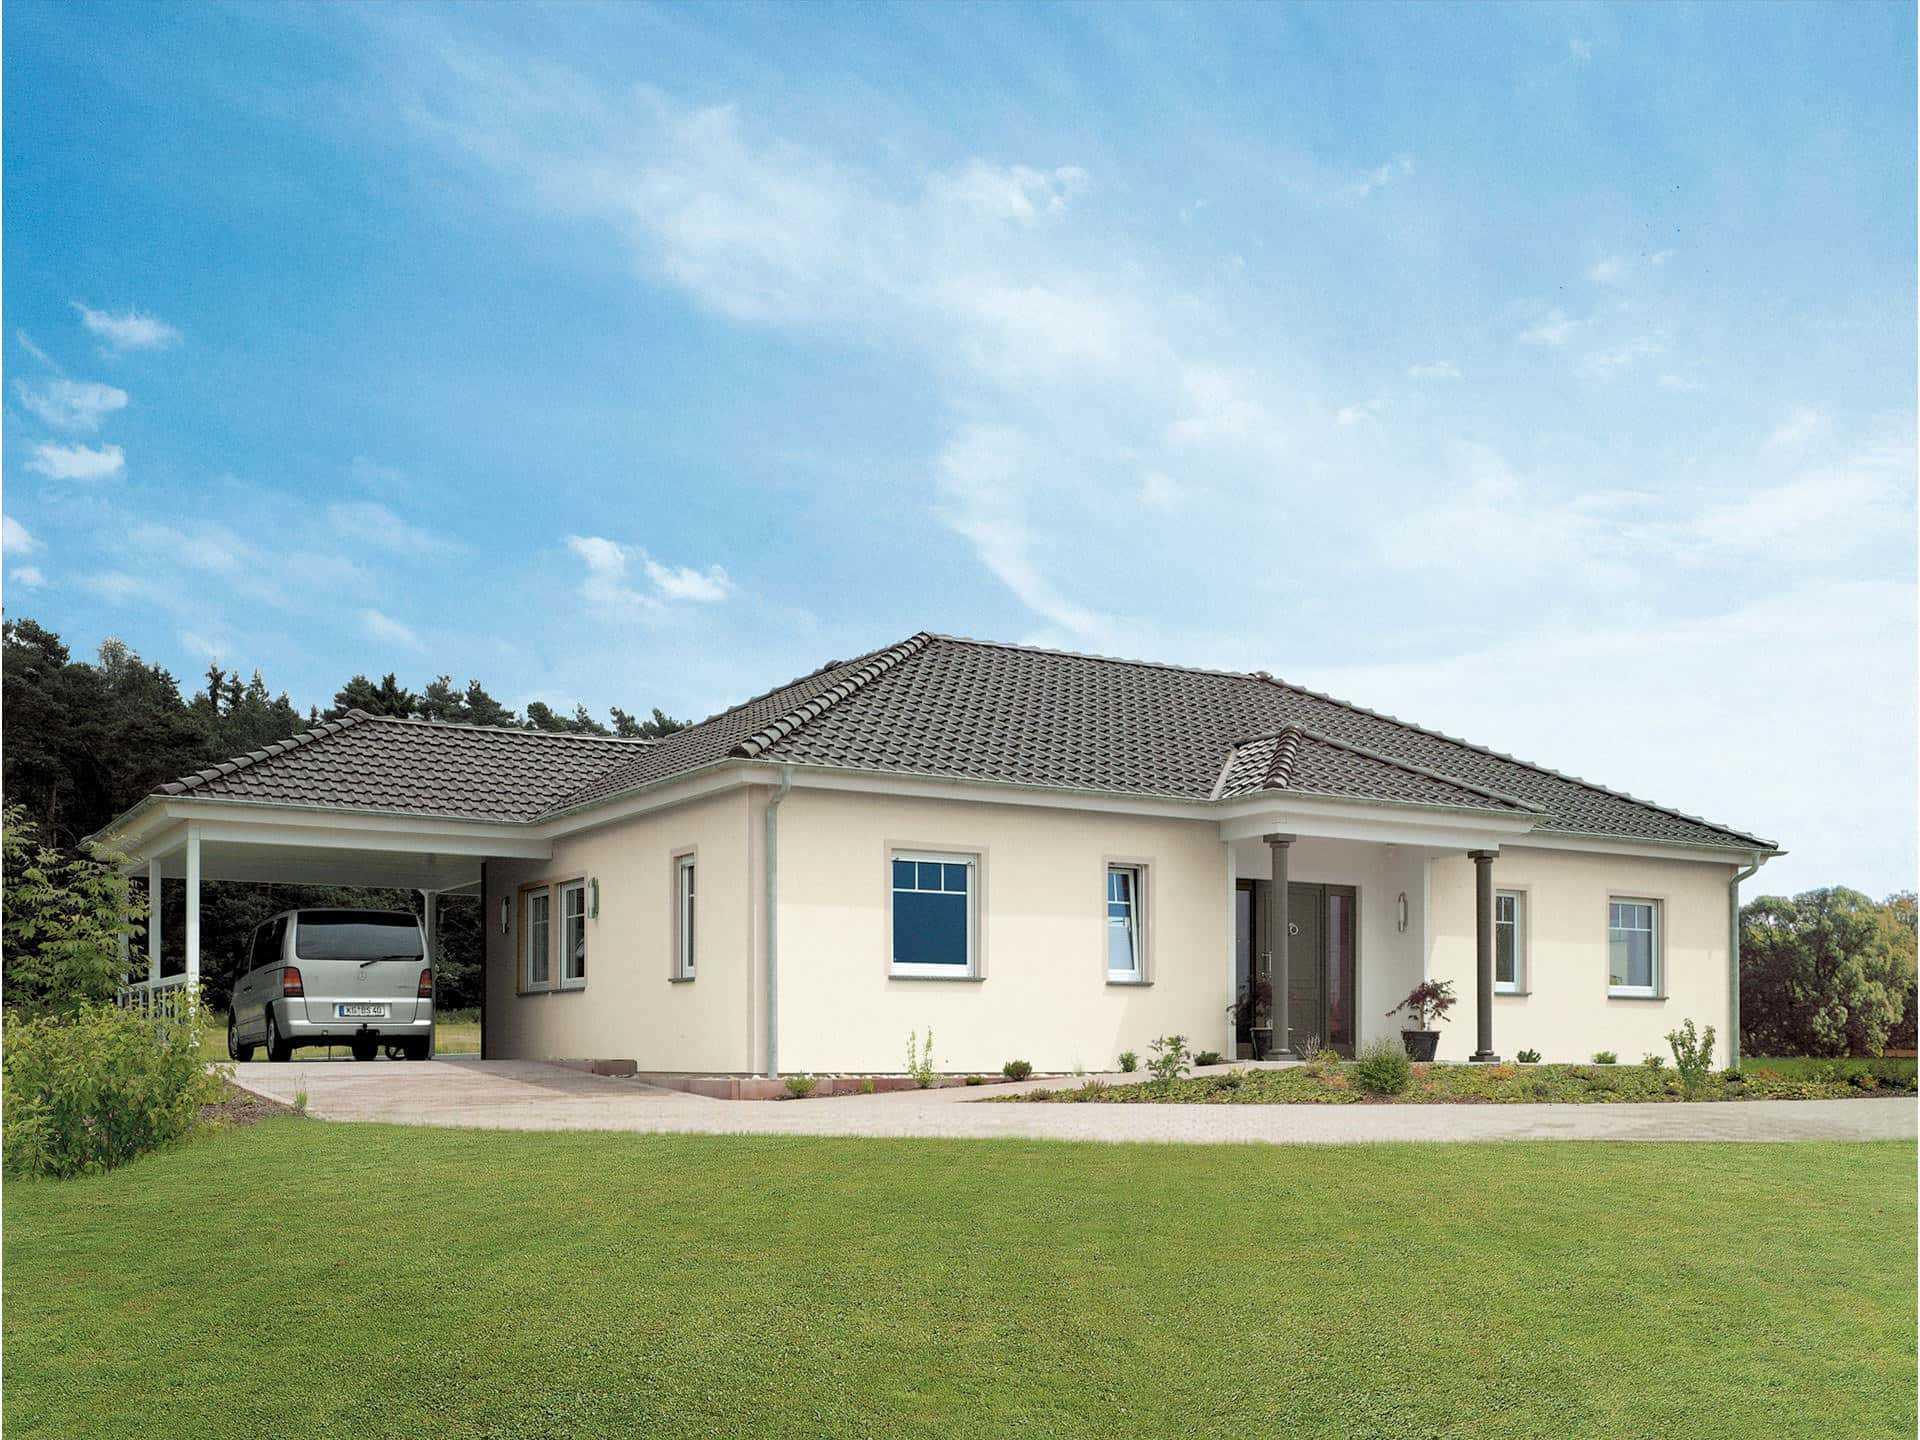 Moderne Einfamilienhäuser auf Musterhaus.net vergleichen